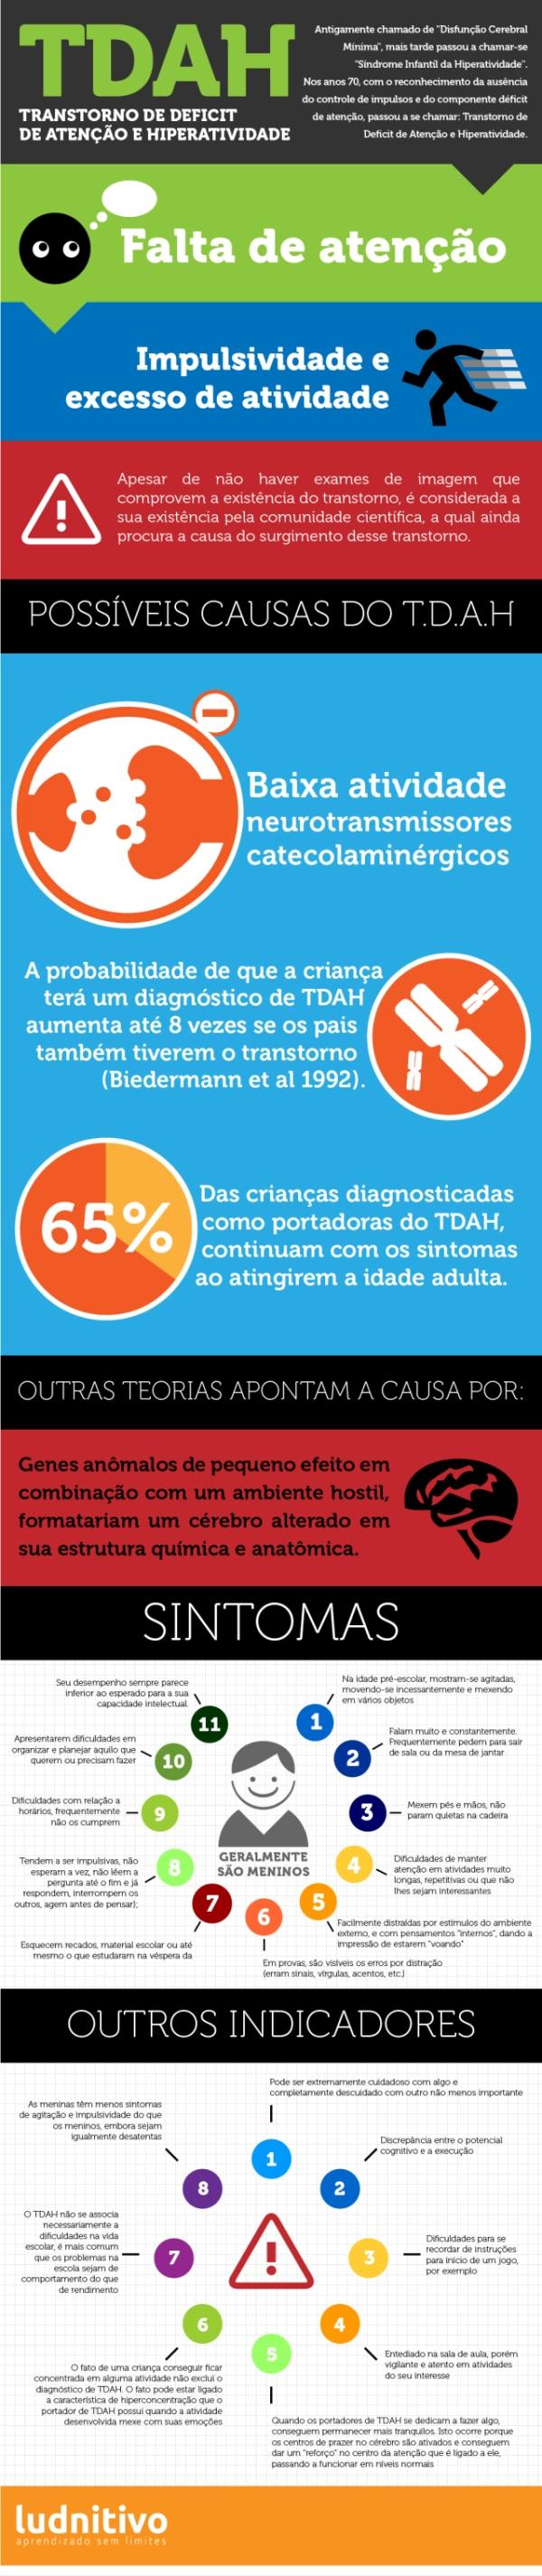 infográfico sobre TDAH